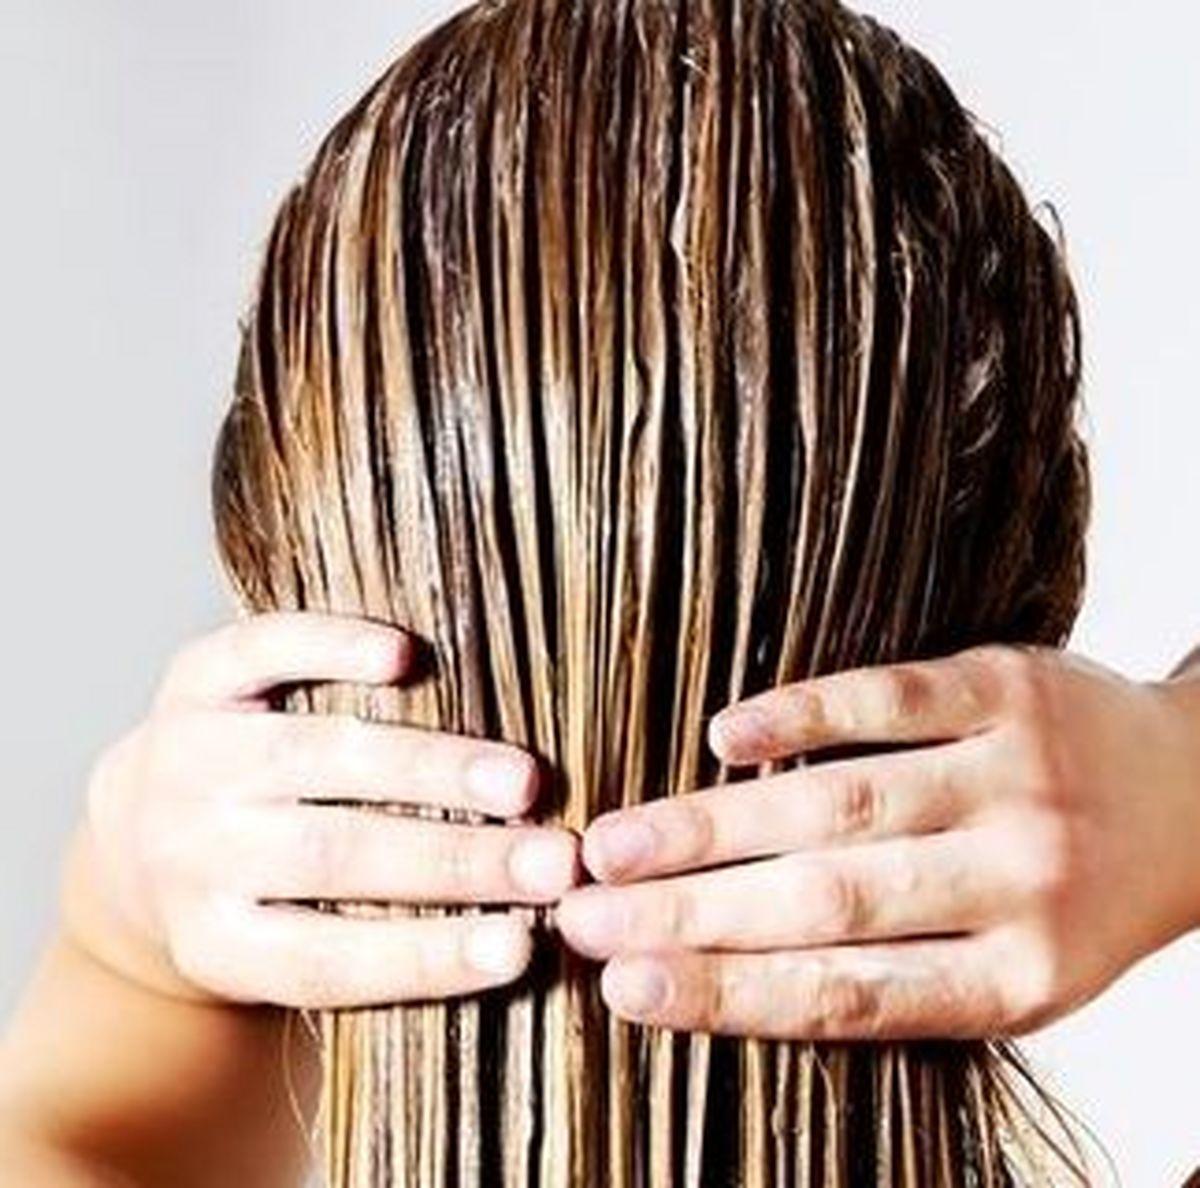 آیا موهایتان را به روش صحیح شستشو می دهید؟